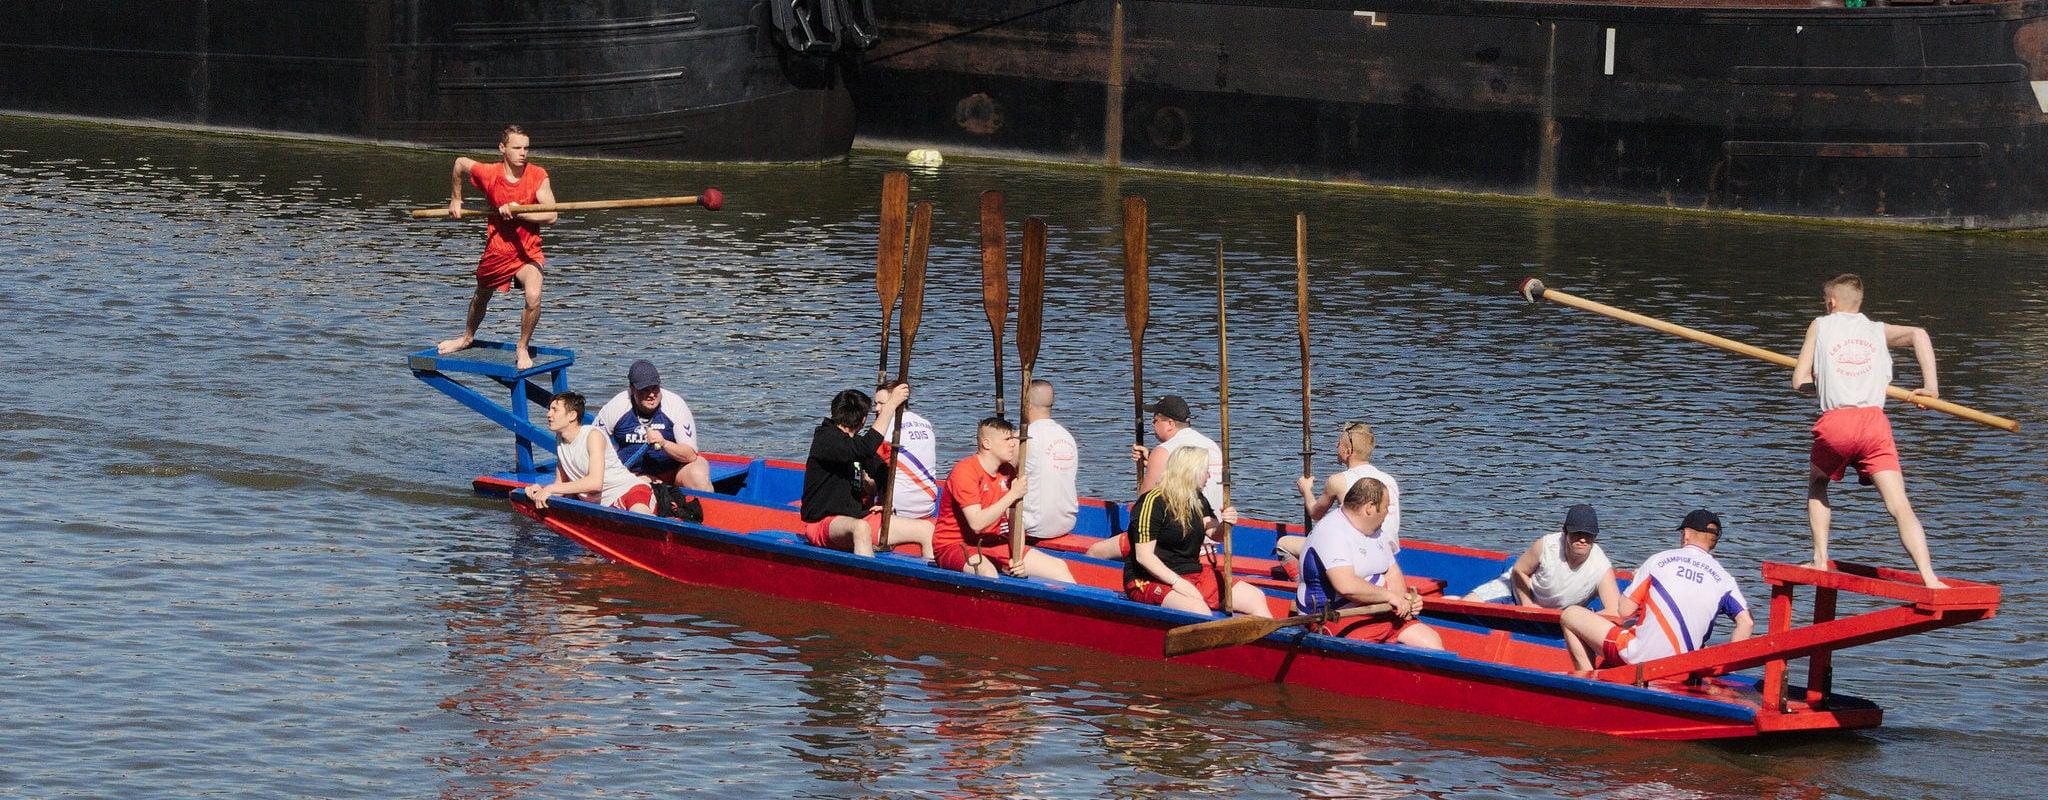 Les joutes nautiques estivales à Malraux tombent à l'eau